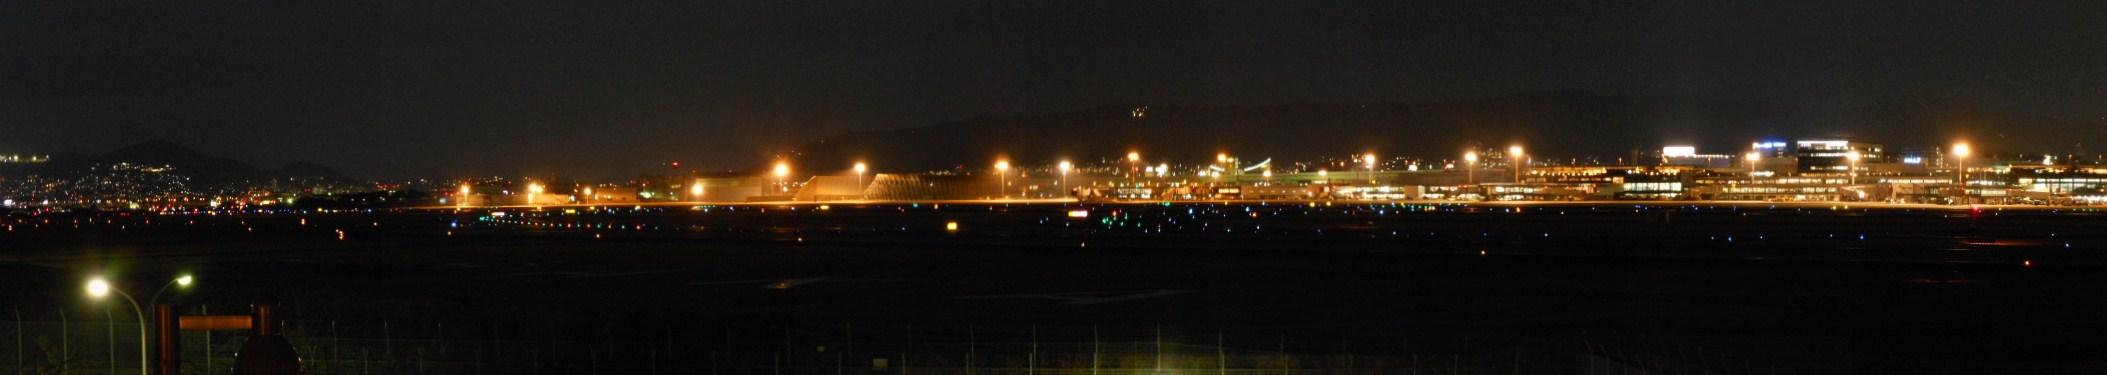 伊丹空港夜景パノラマ 2